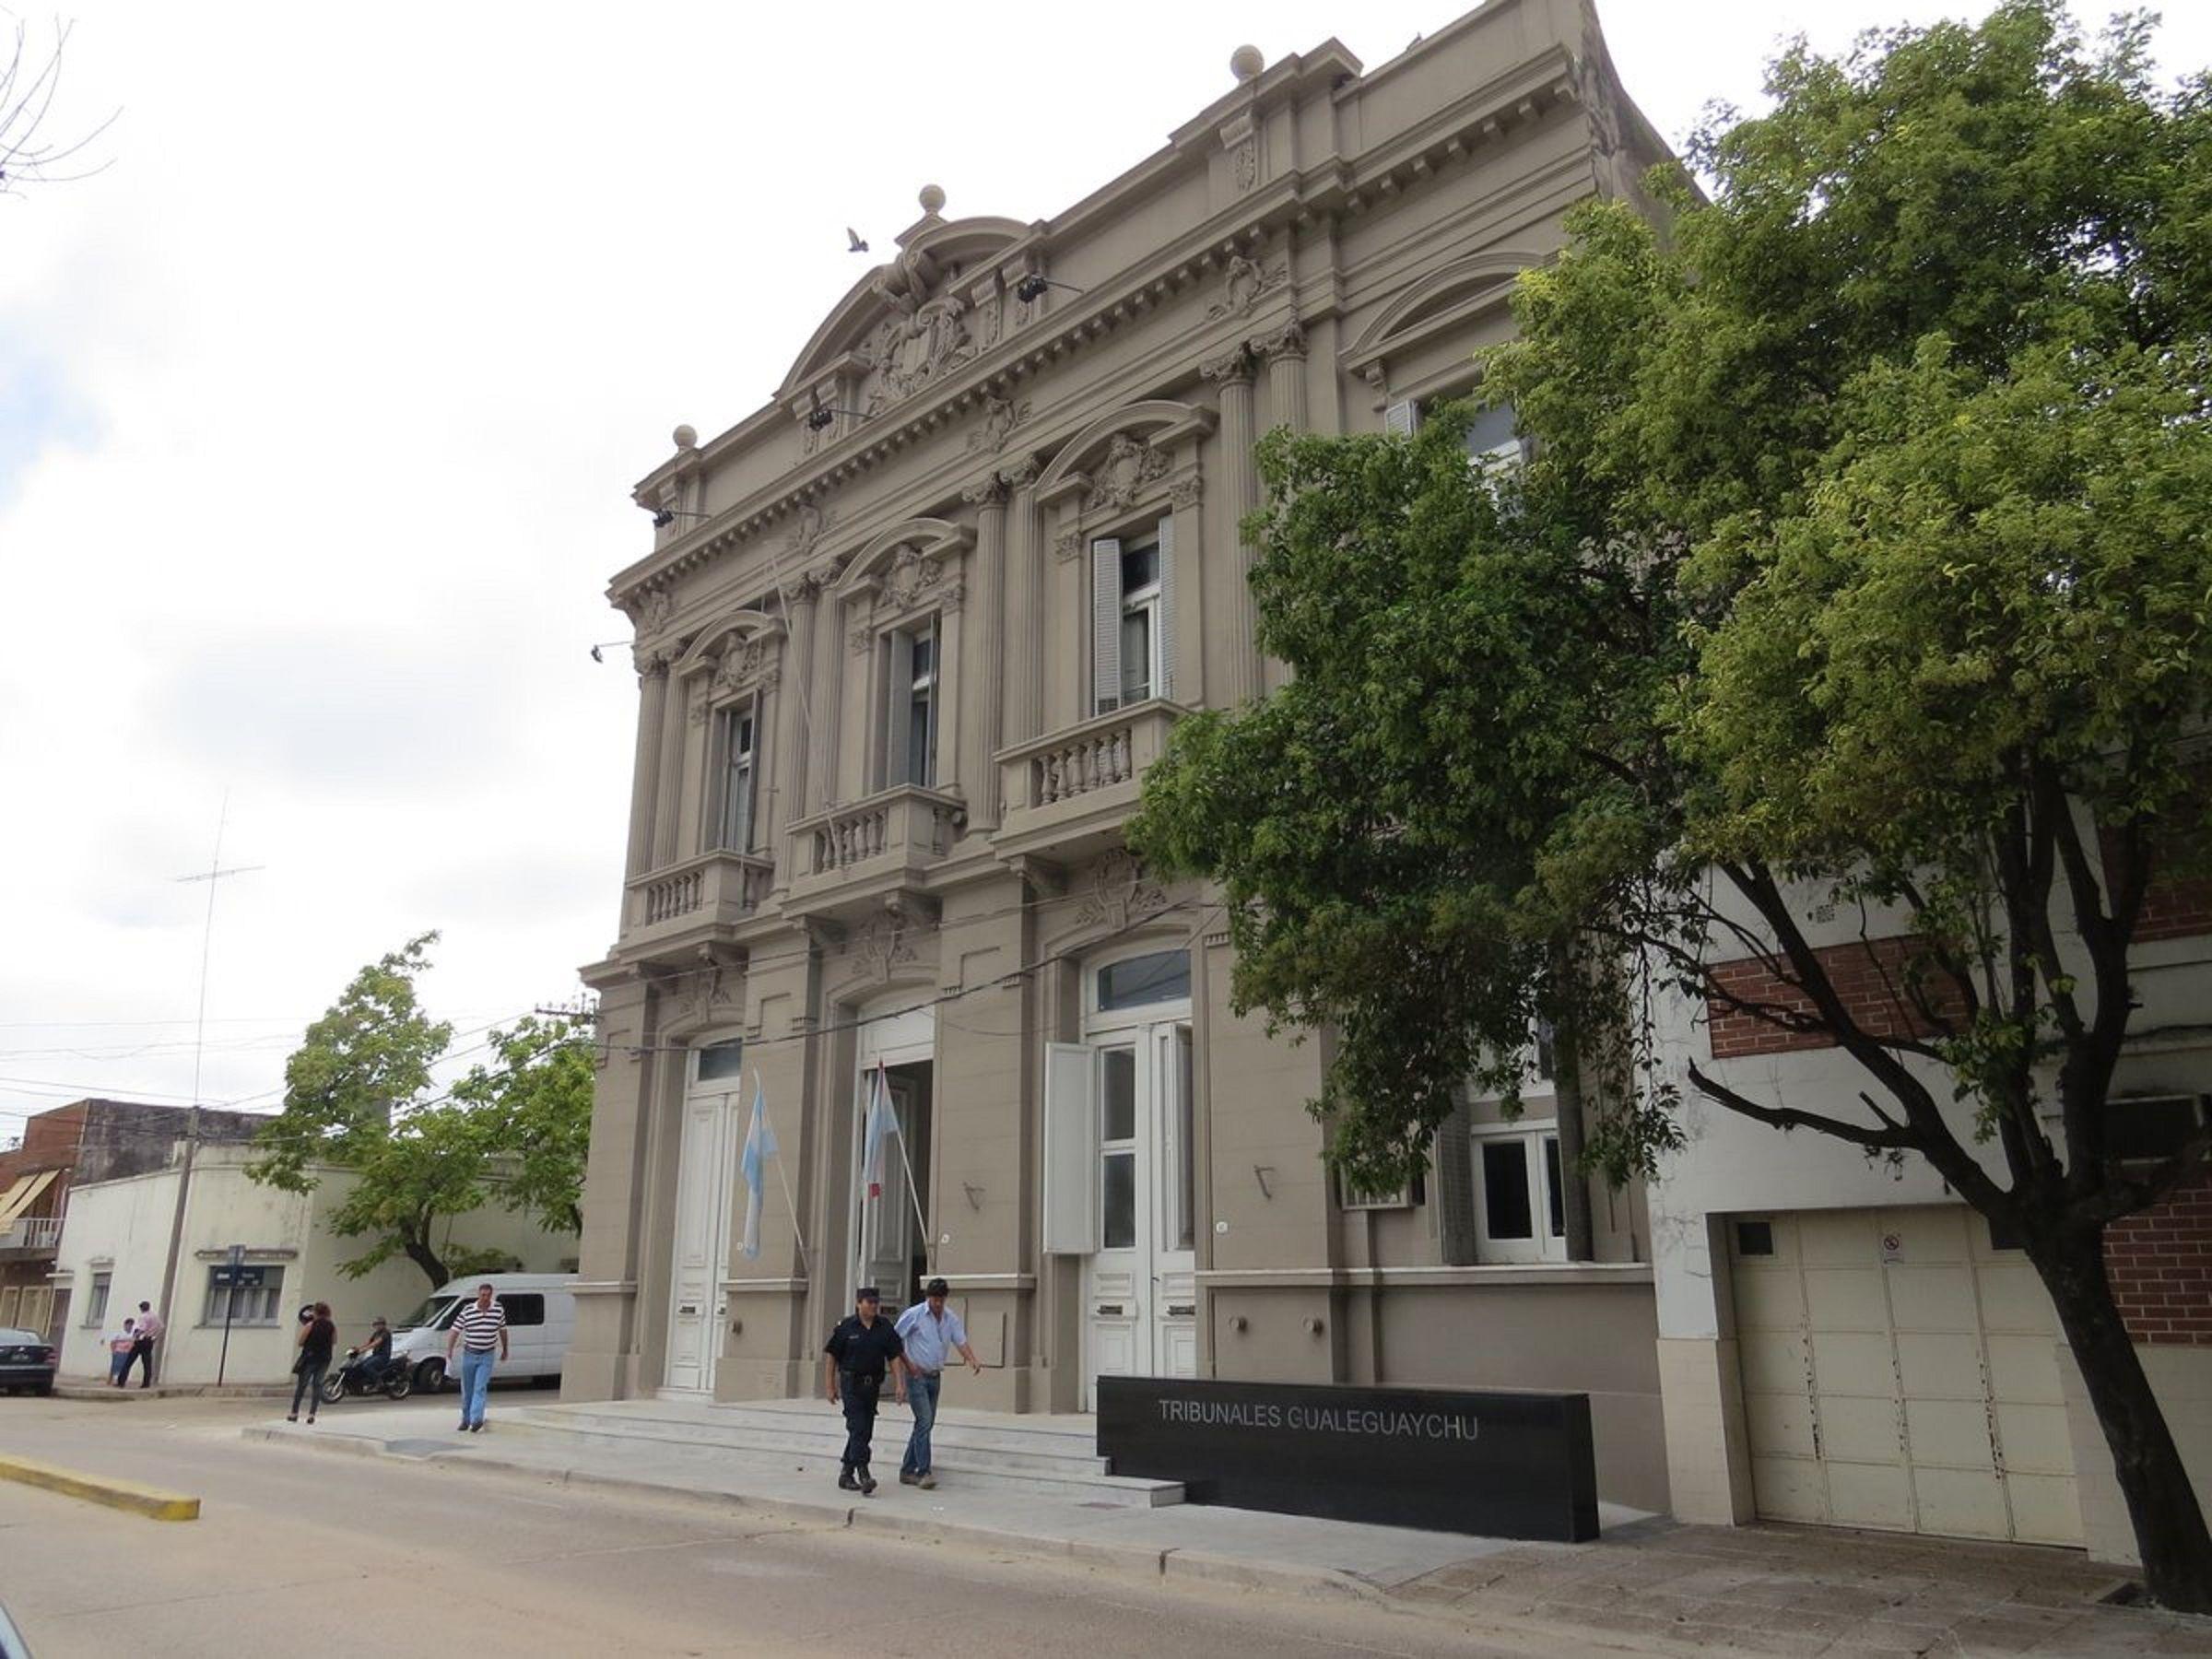 Tribunales de Gualeguaychú